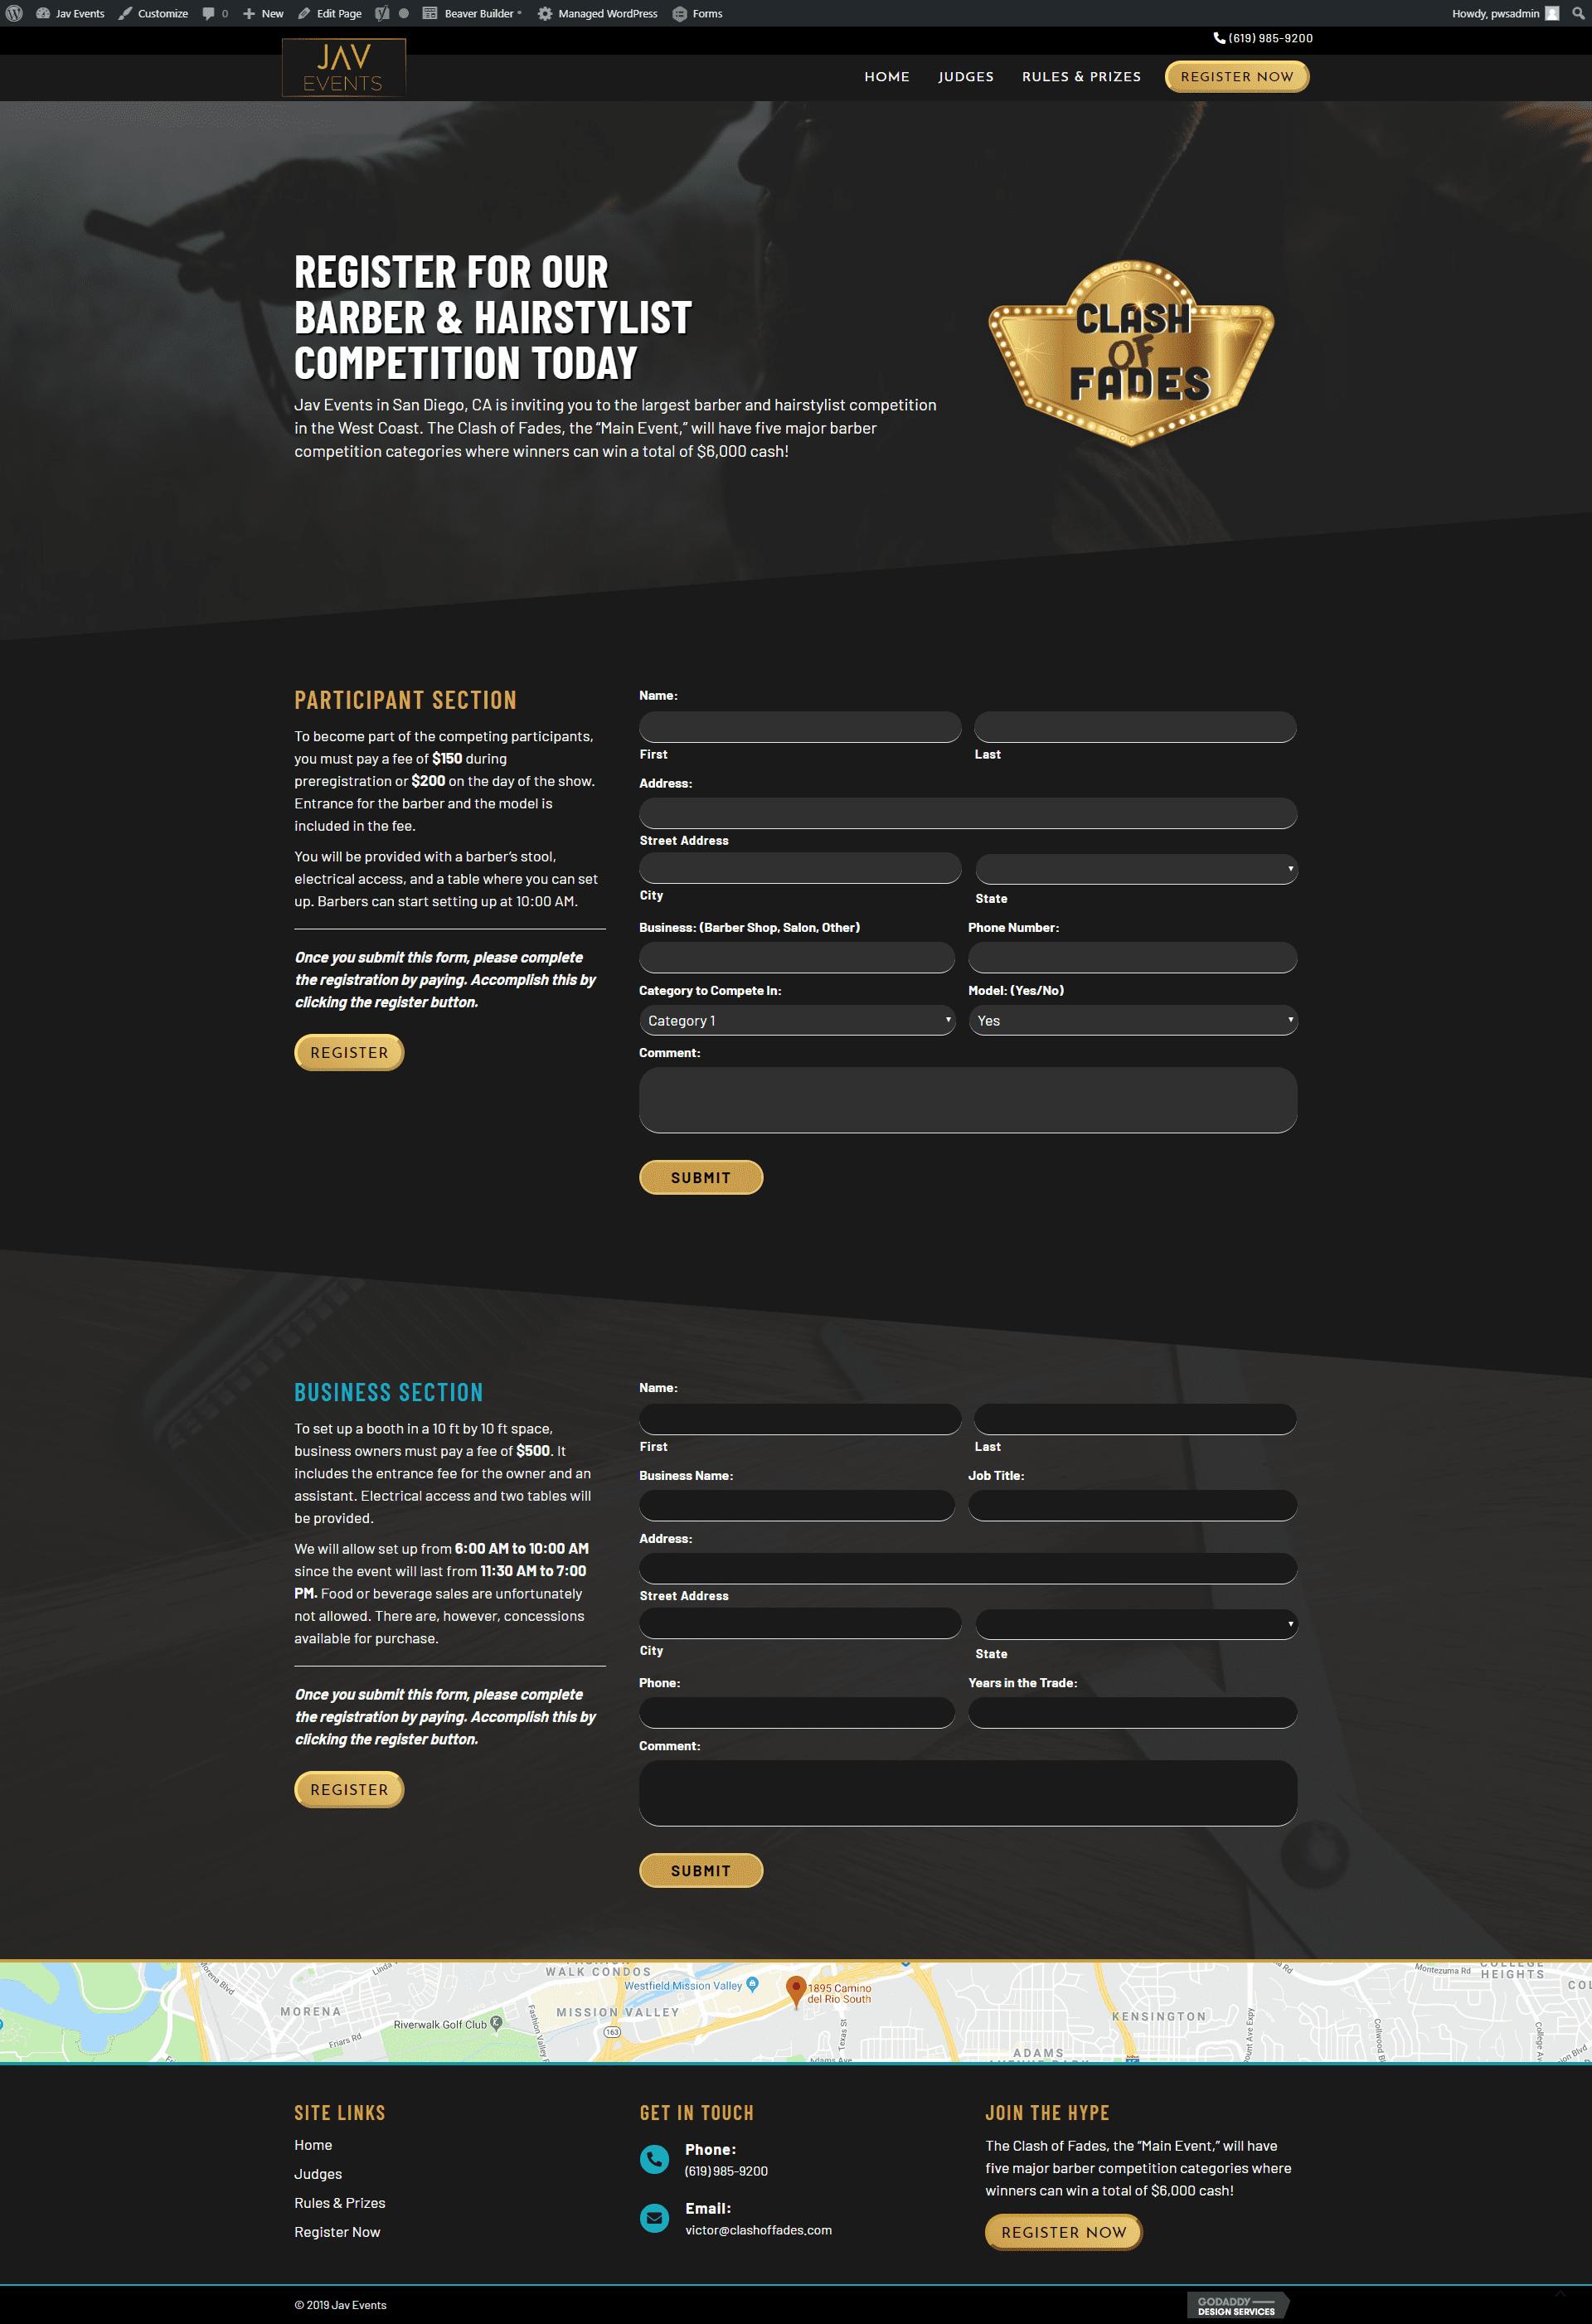 jav events hair site - register